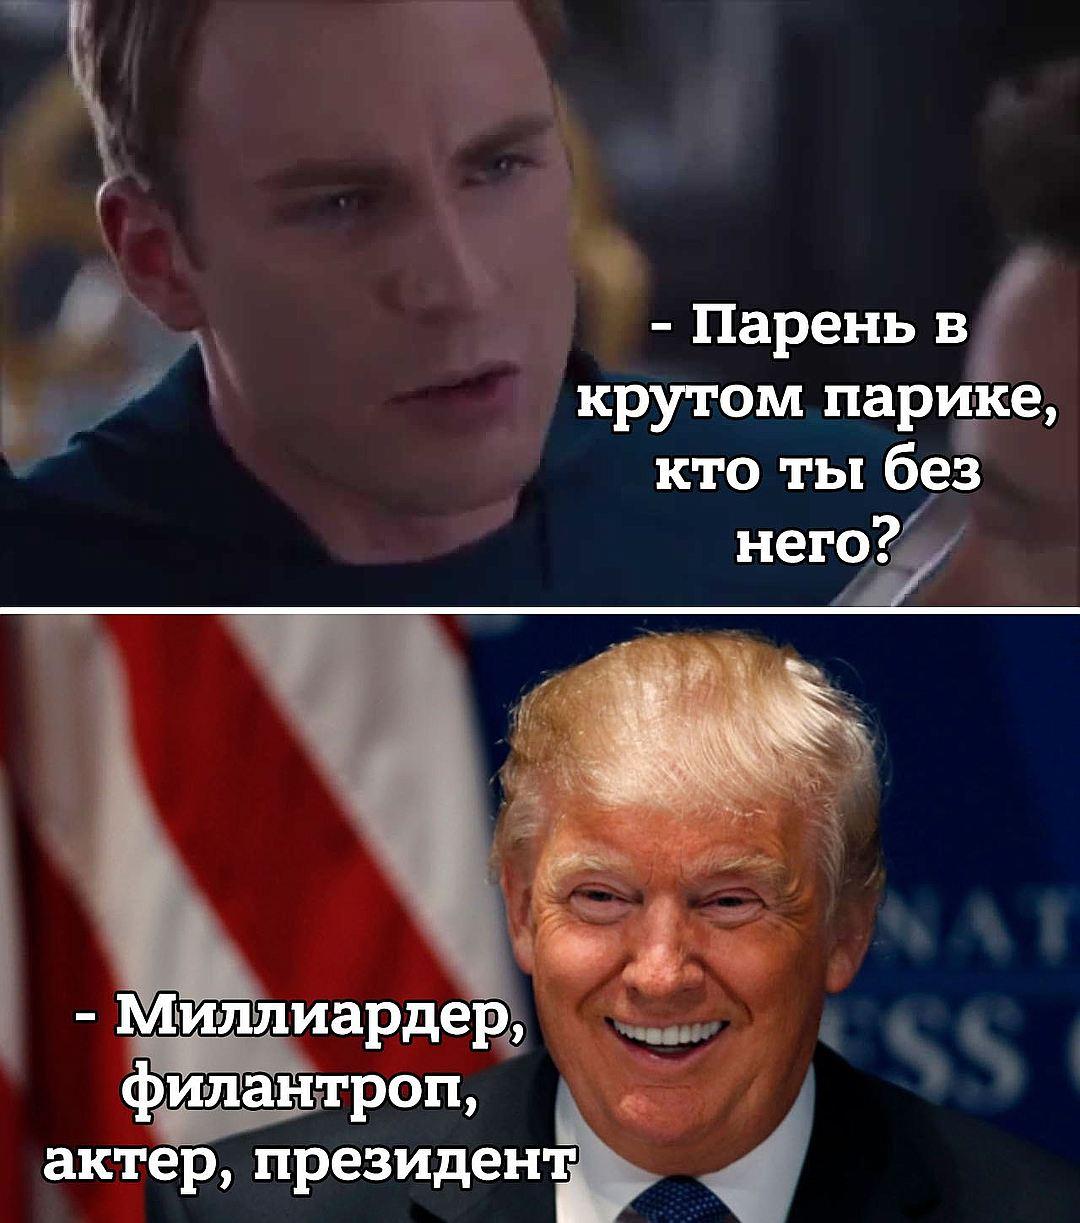 Смешные картинки на трампа с надписями